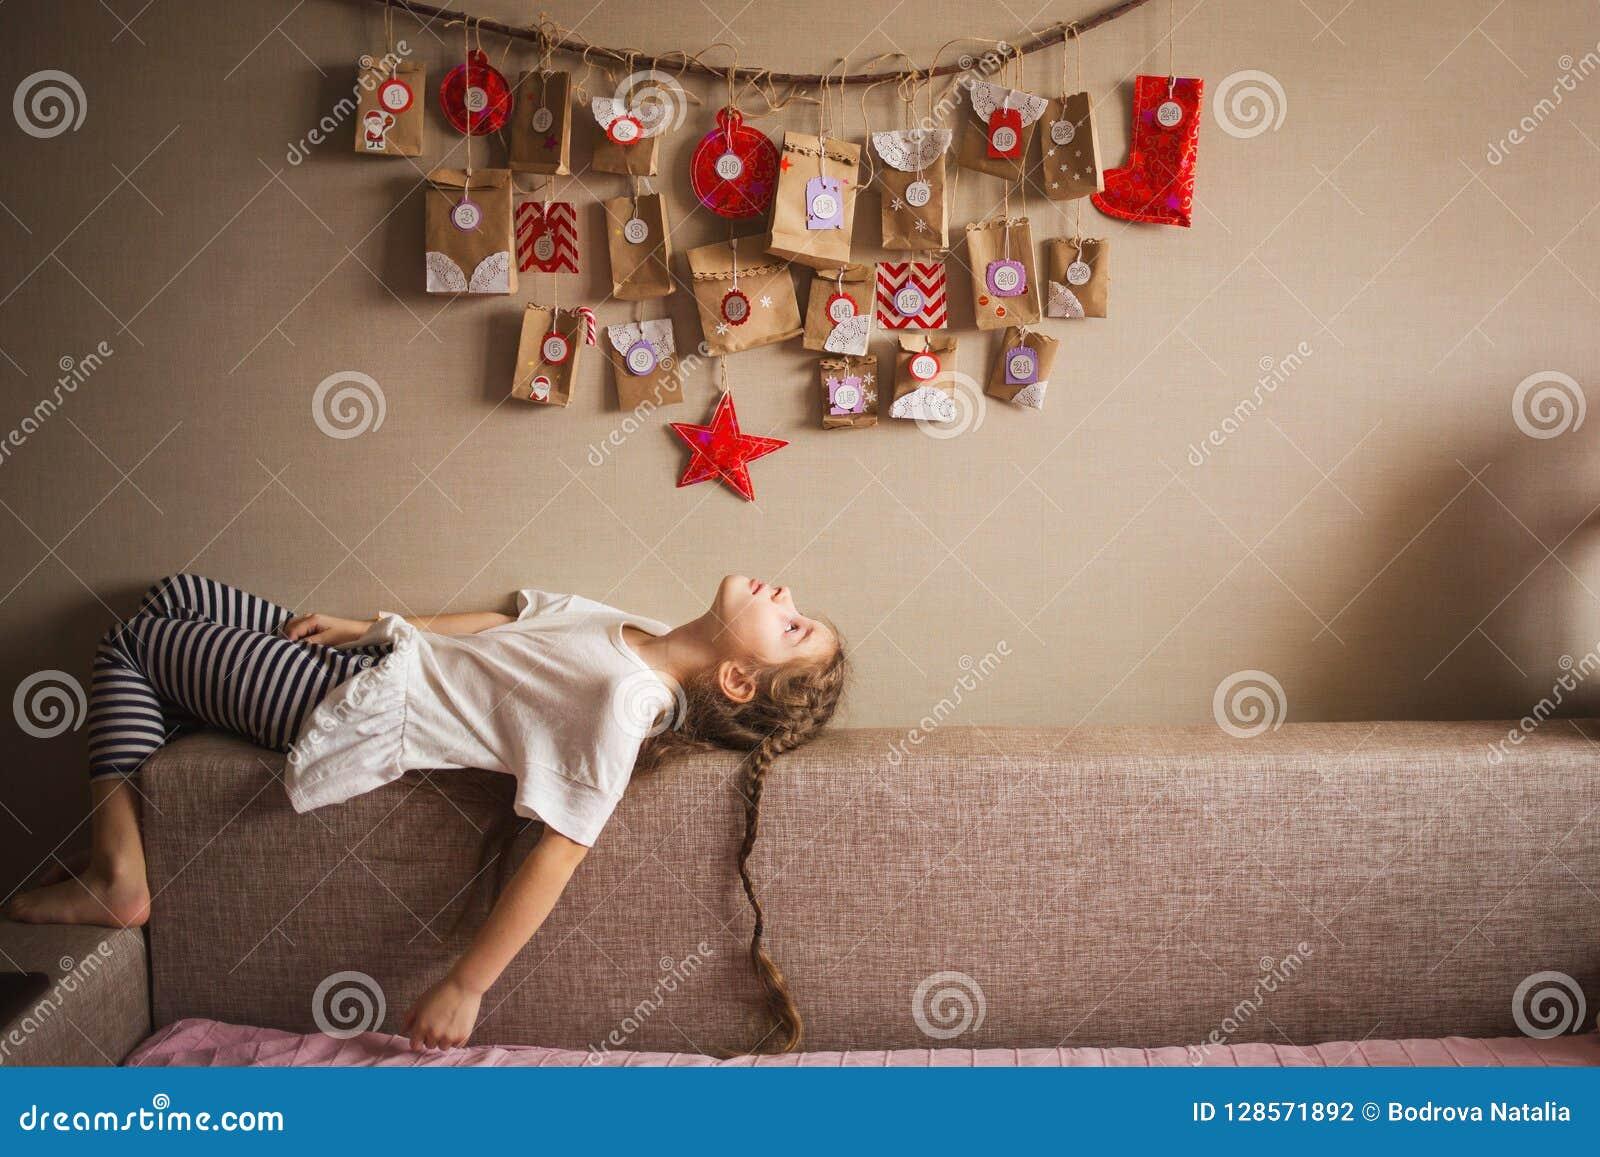 Το ημερολόγιο εμφάνισης που κρεμά στον τοίχο μικρές εκπλήξεις δώρων για τα παιδιά το κορίτσι βρίσκεται και εξετάζει το ημερολόγιο